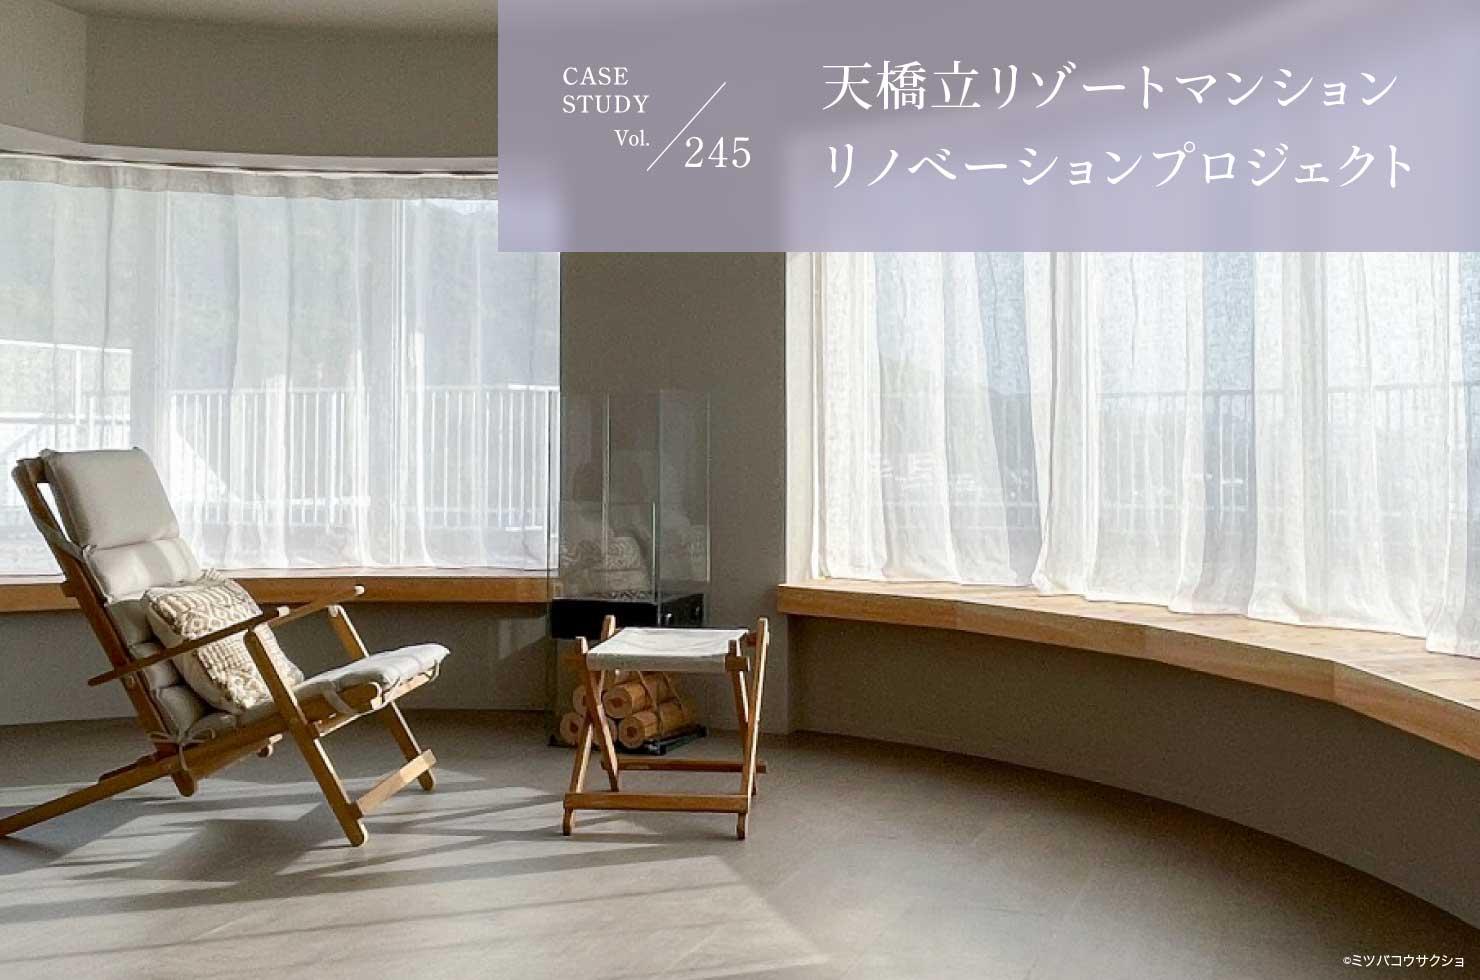 CASE STUDY Vol.245 天橋立リゾートマンション リノベーションプロジェクト